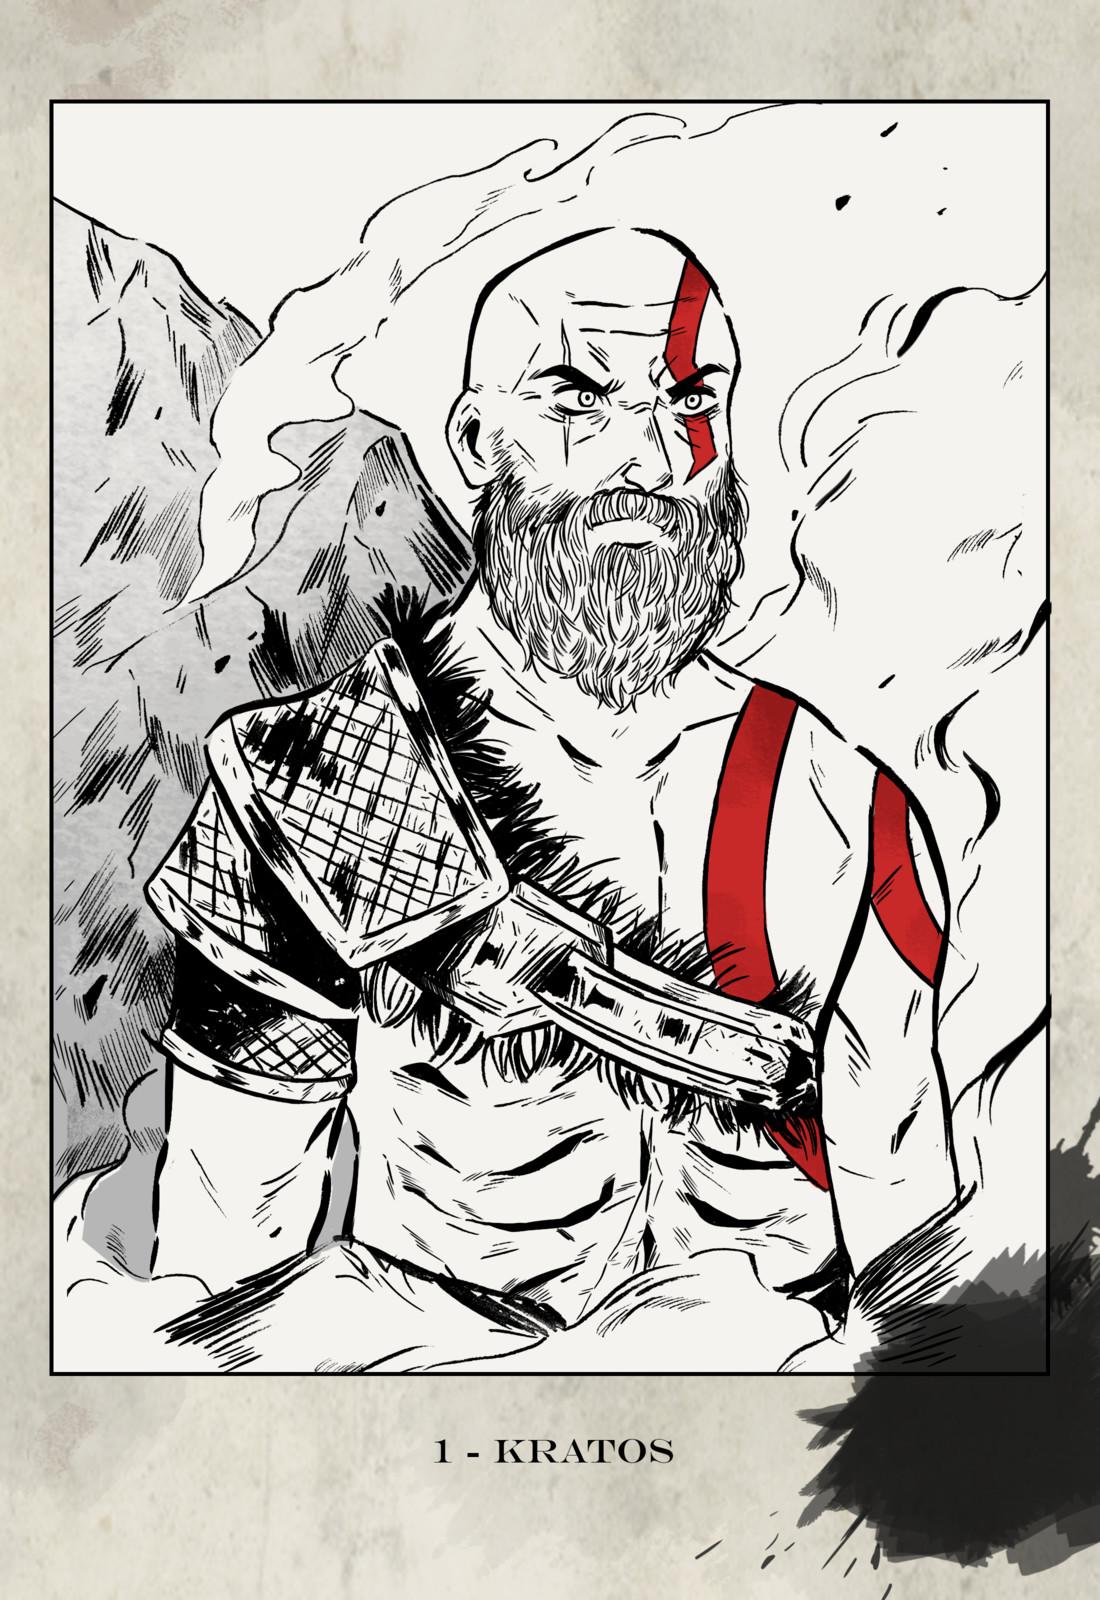 1 - Kratos